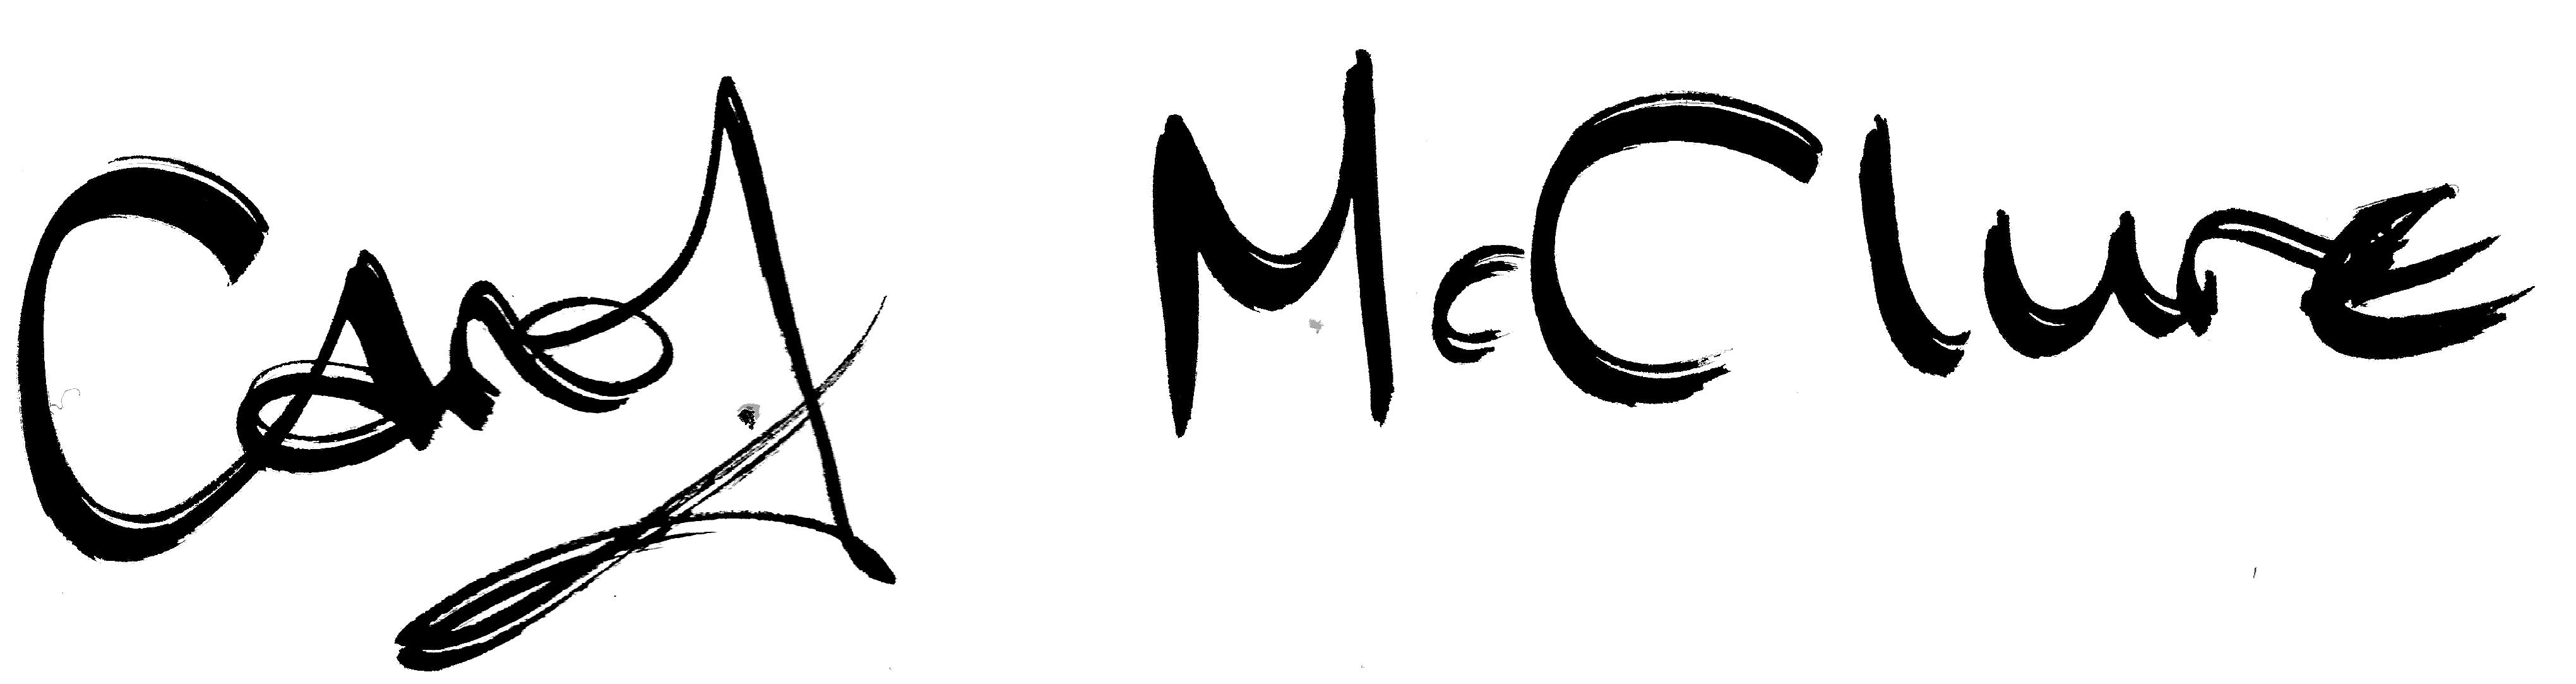 Carol McClure's Signature